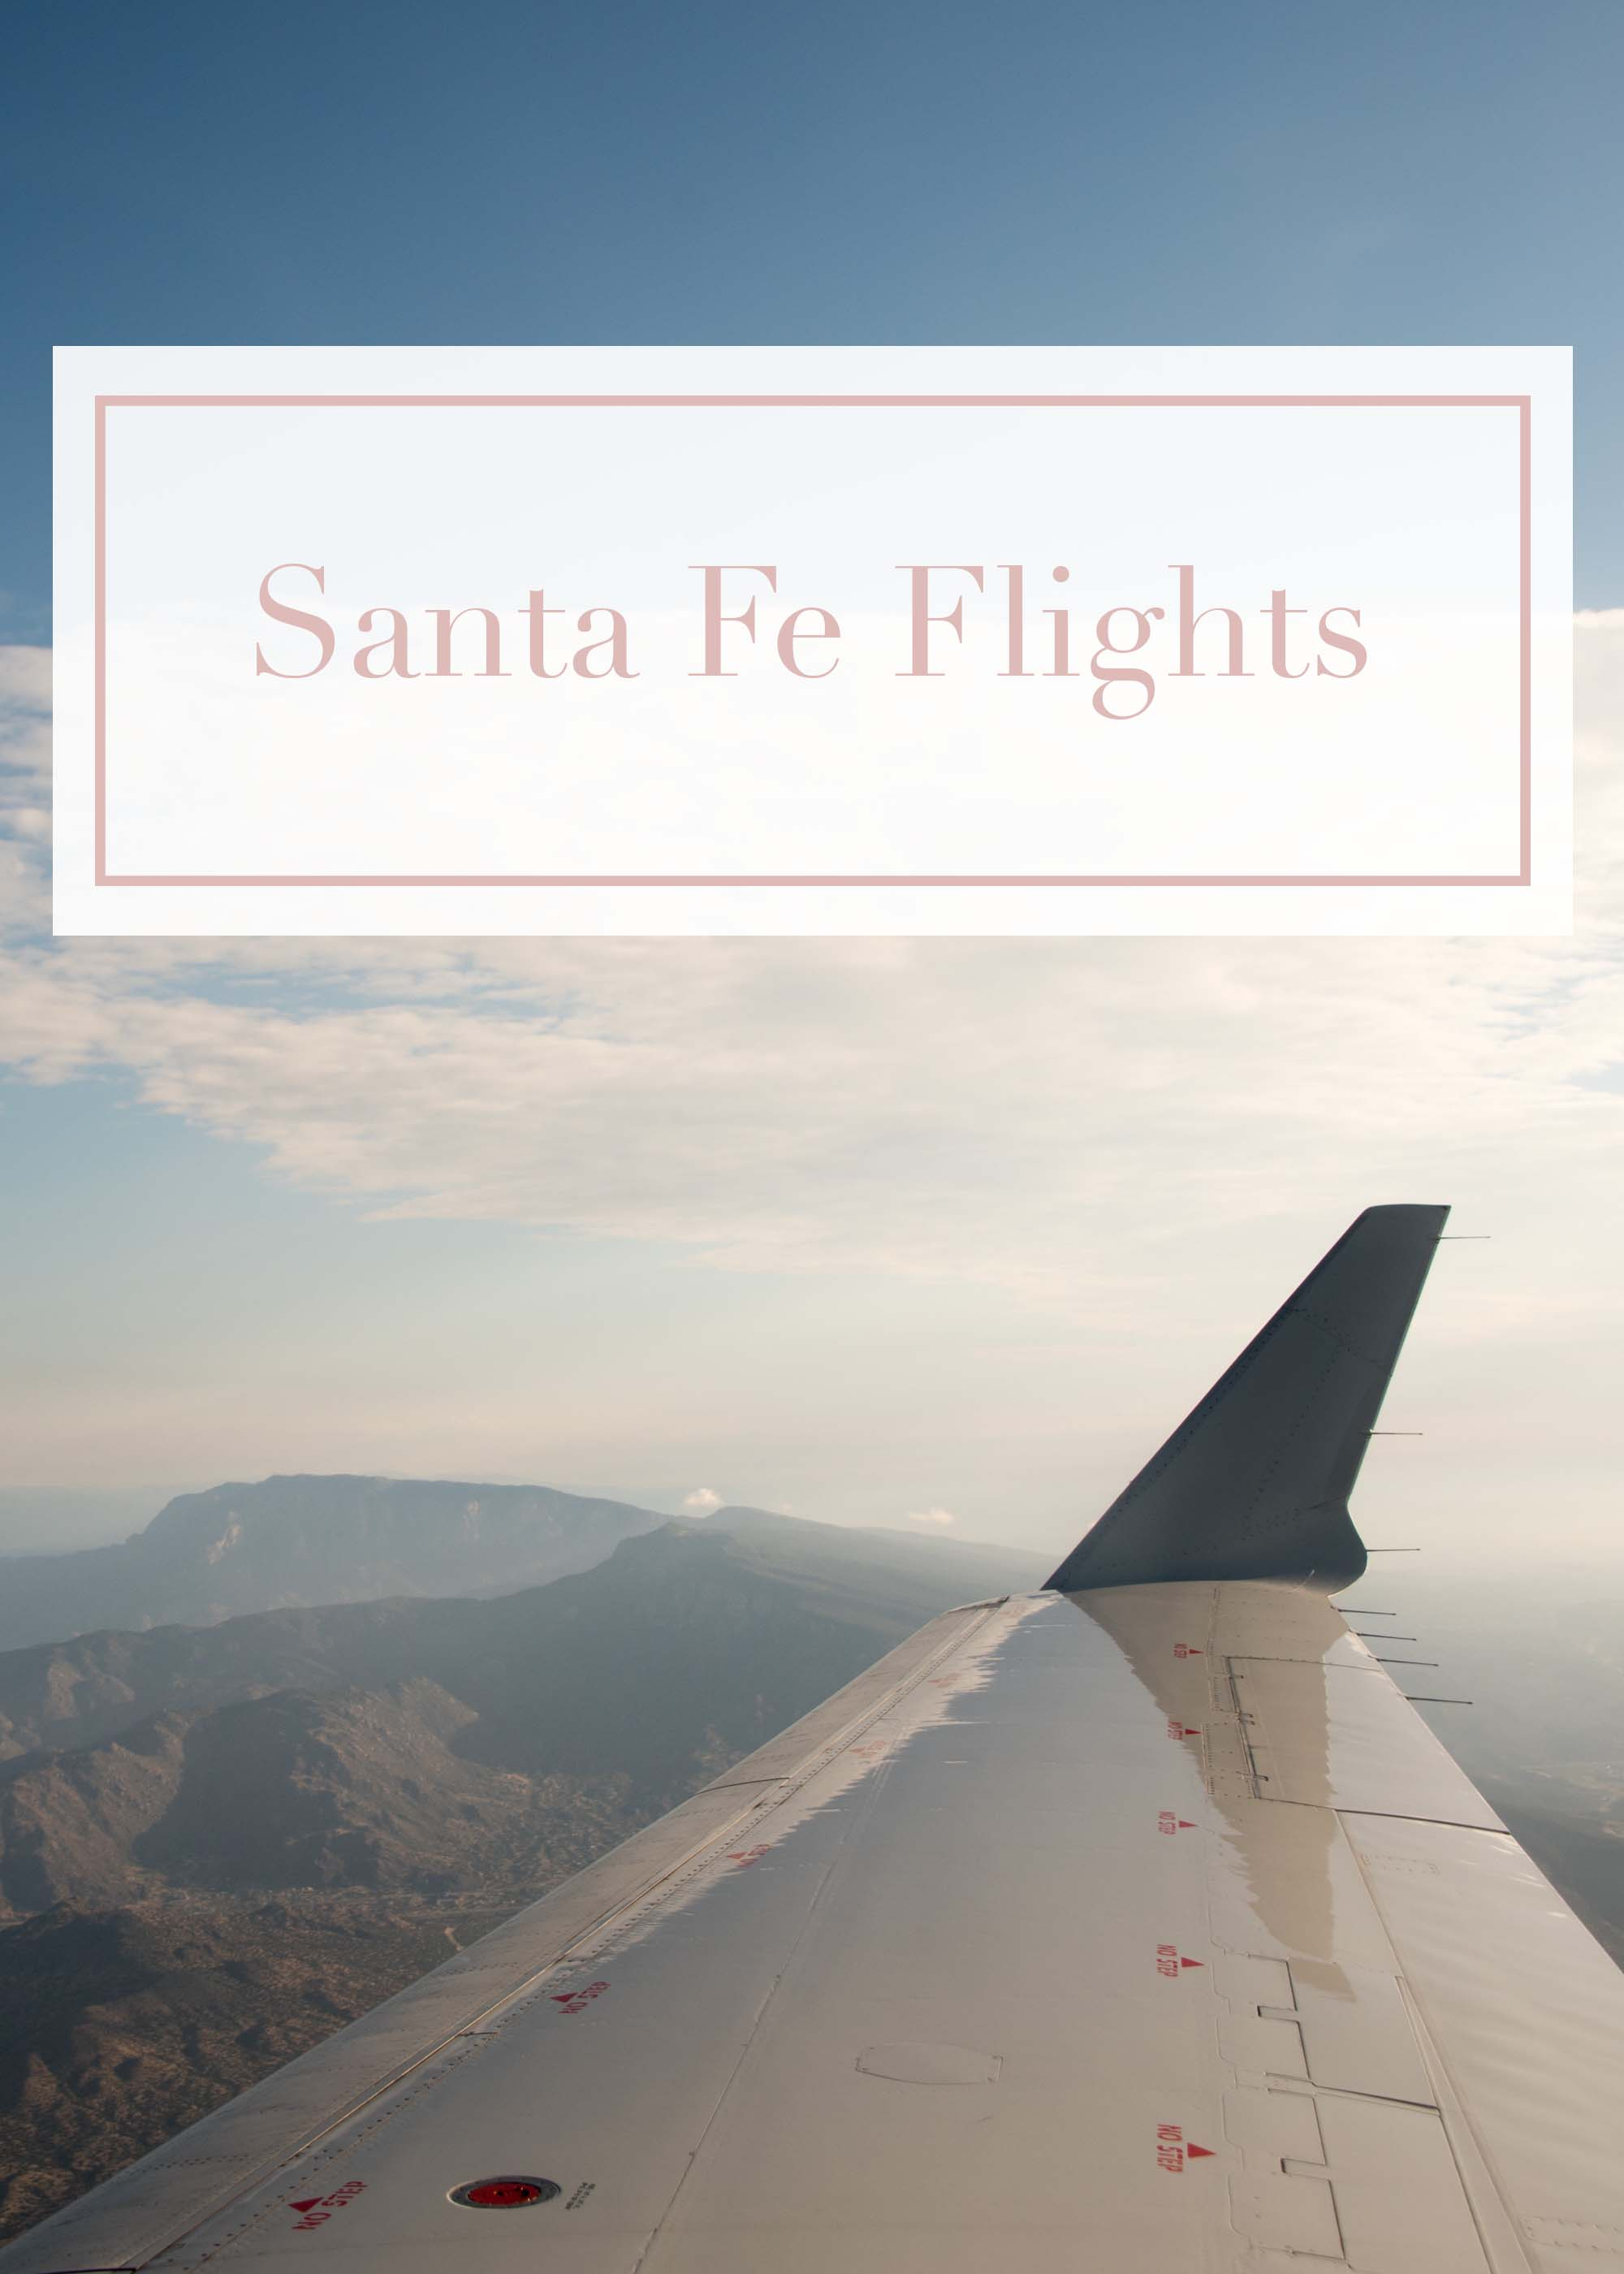 santa fe flight